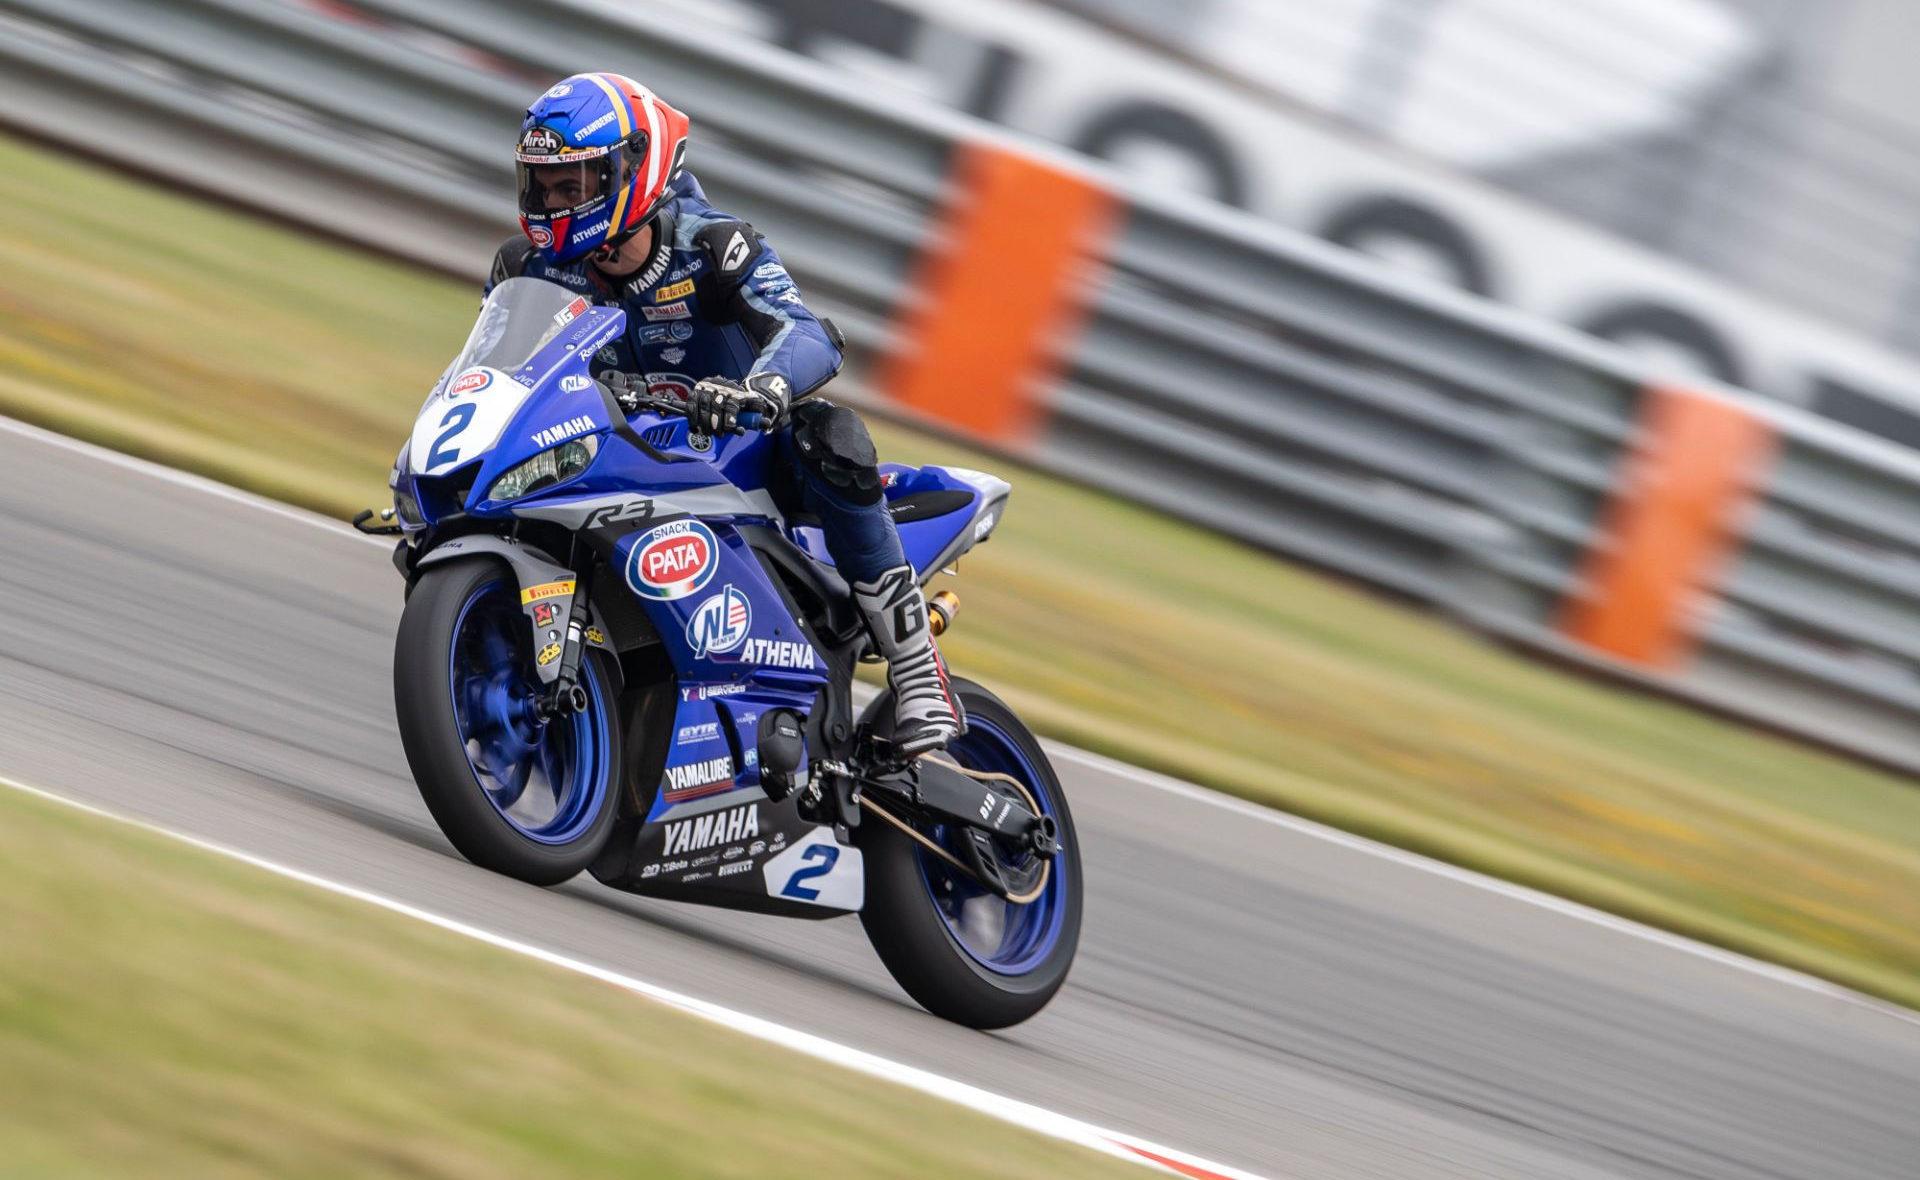 Iker Garcia Abella (2). Photo courtesy Yamaha.